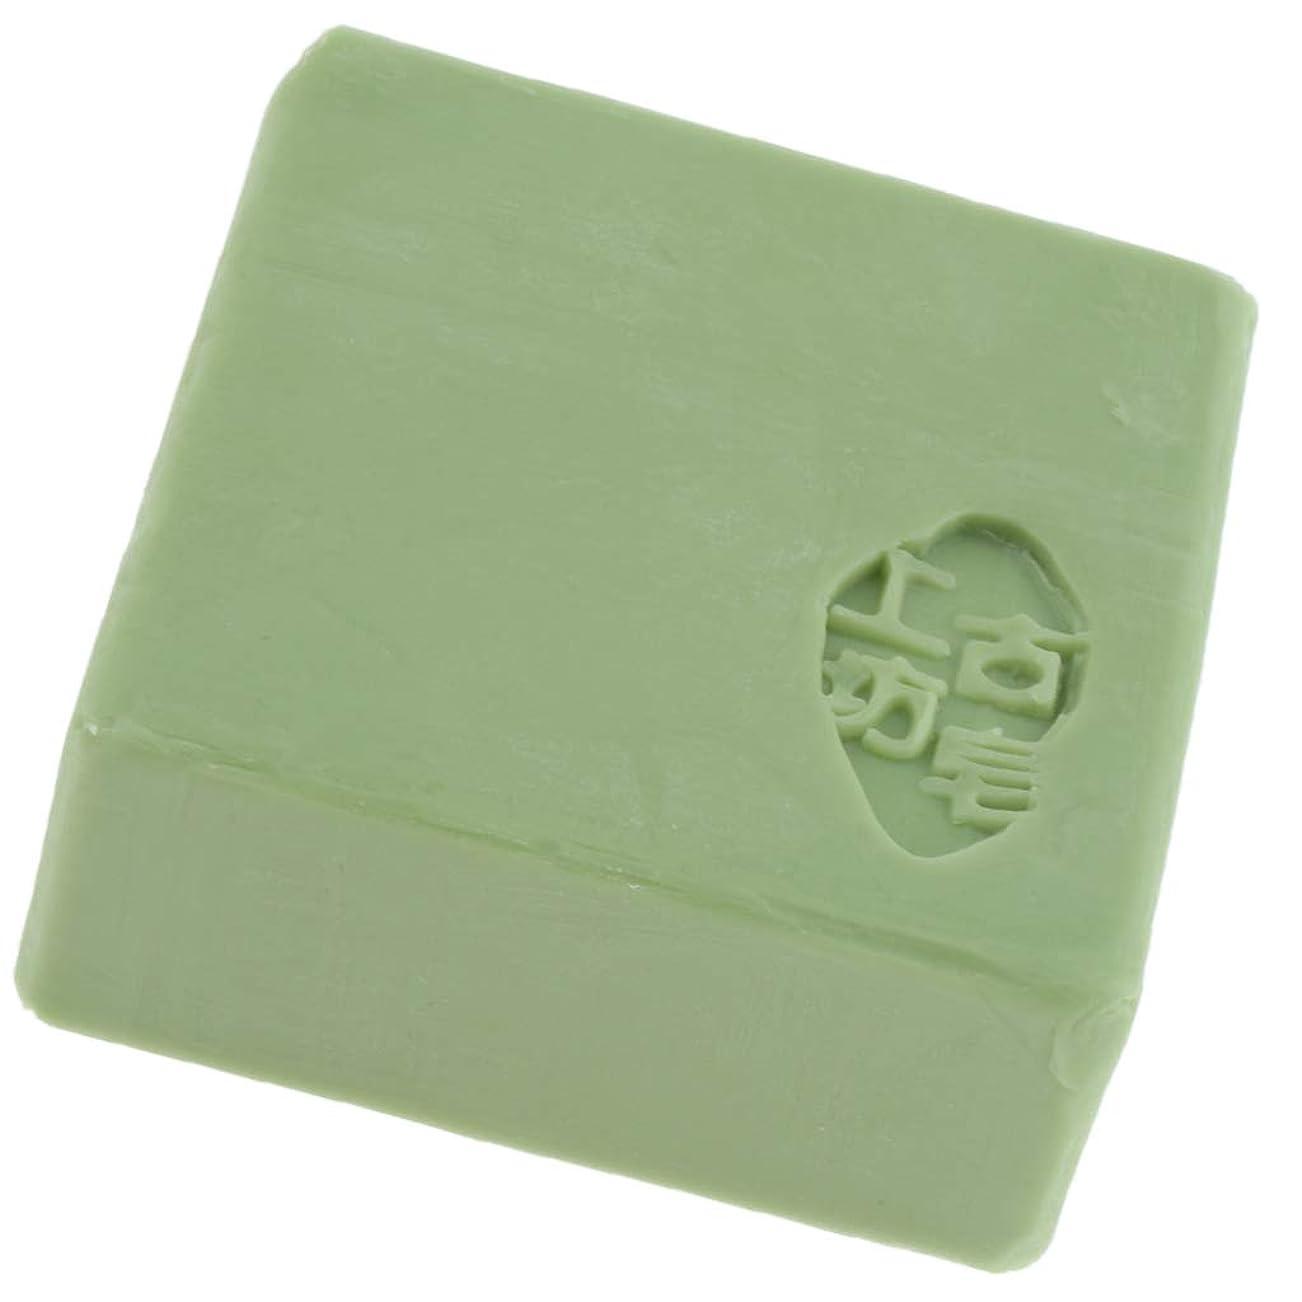 のり長いですネイティブBaoblaze バス スキンケア フェイス ボディソープ 石鹸 保湿 好意 全3色 - 緑